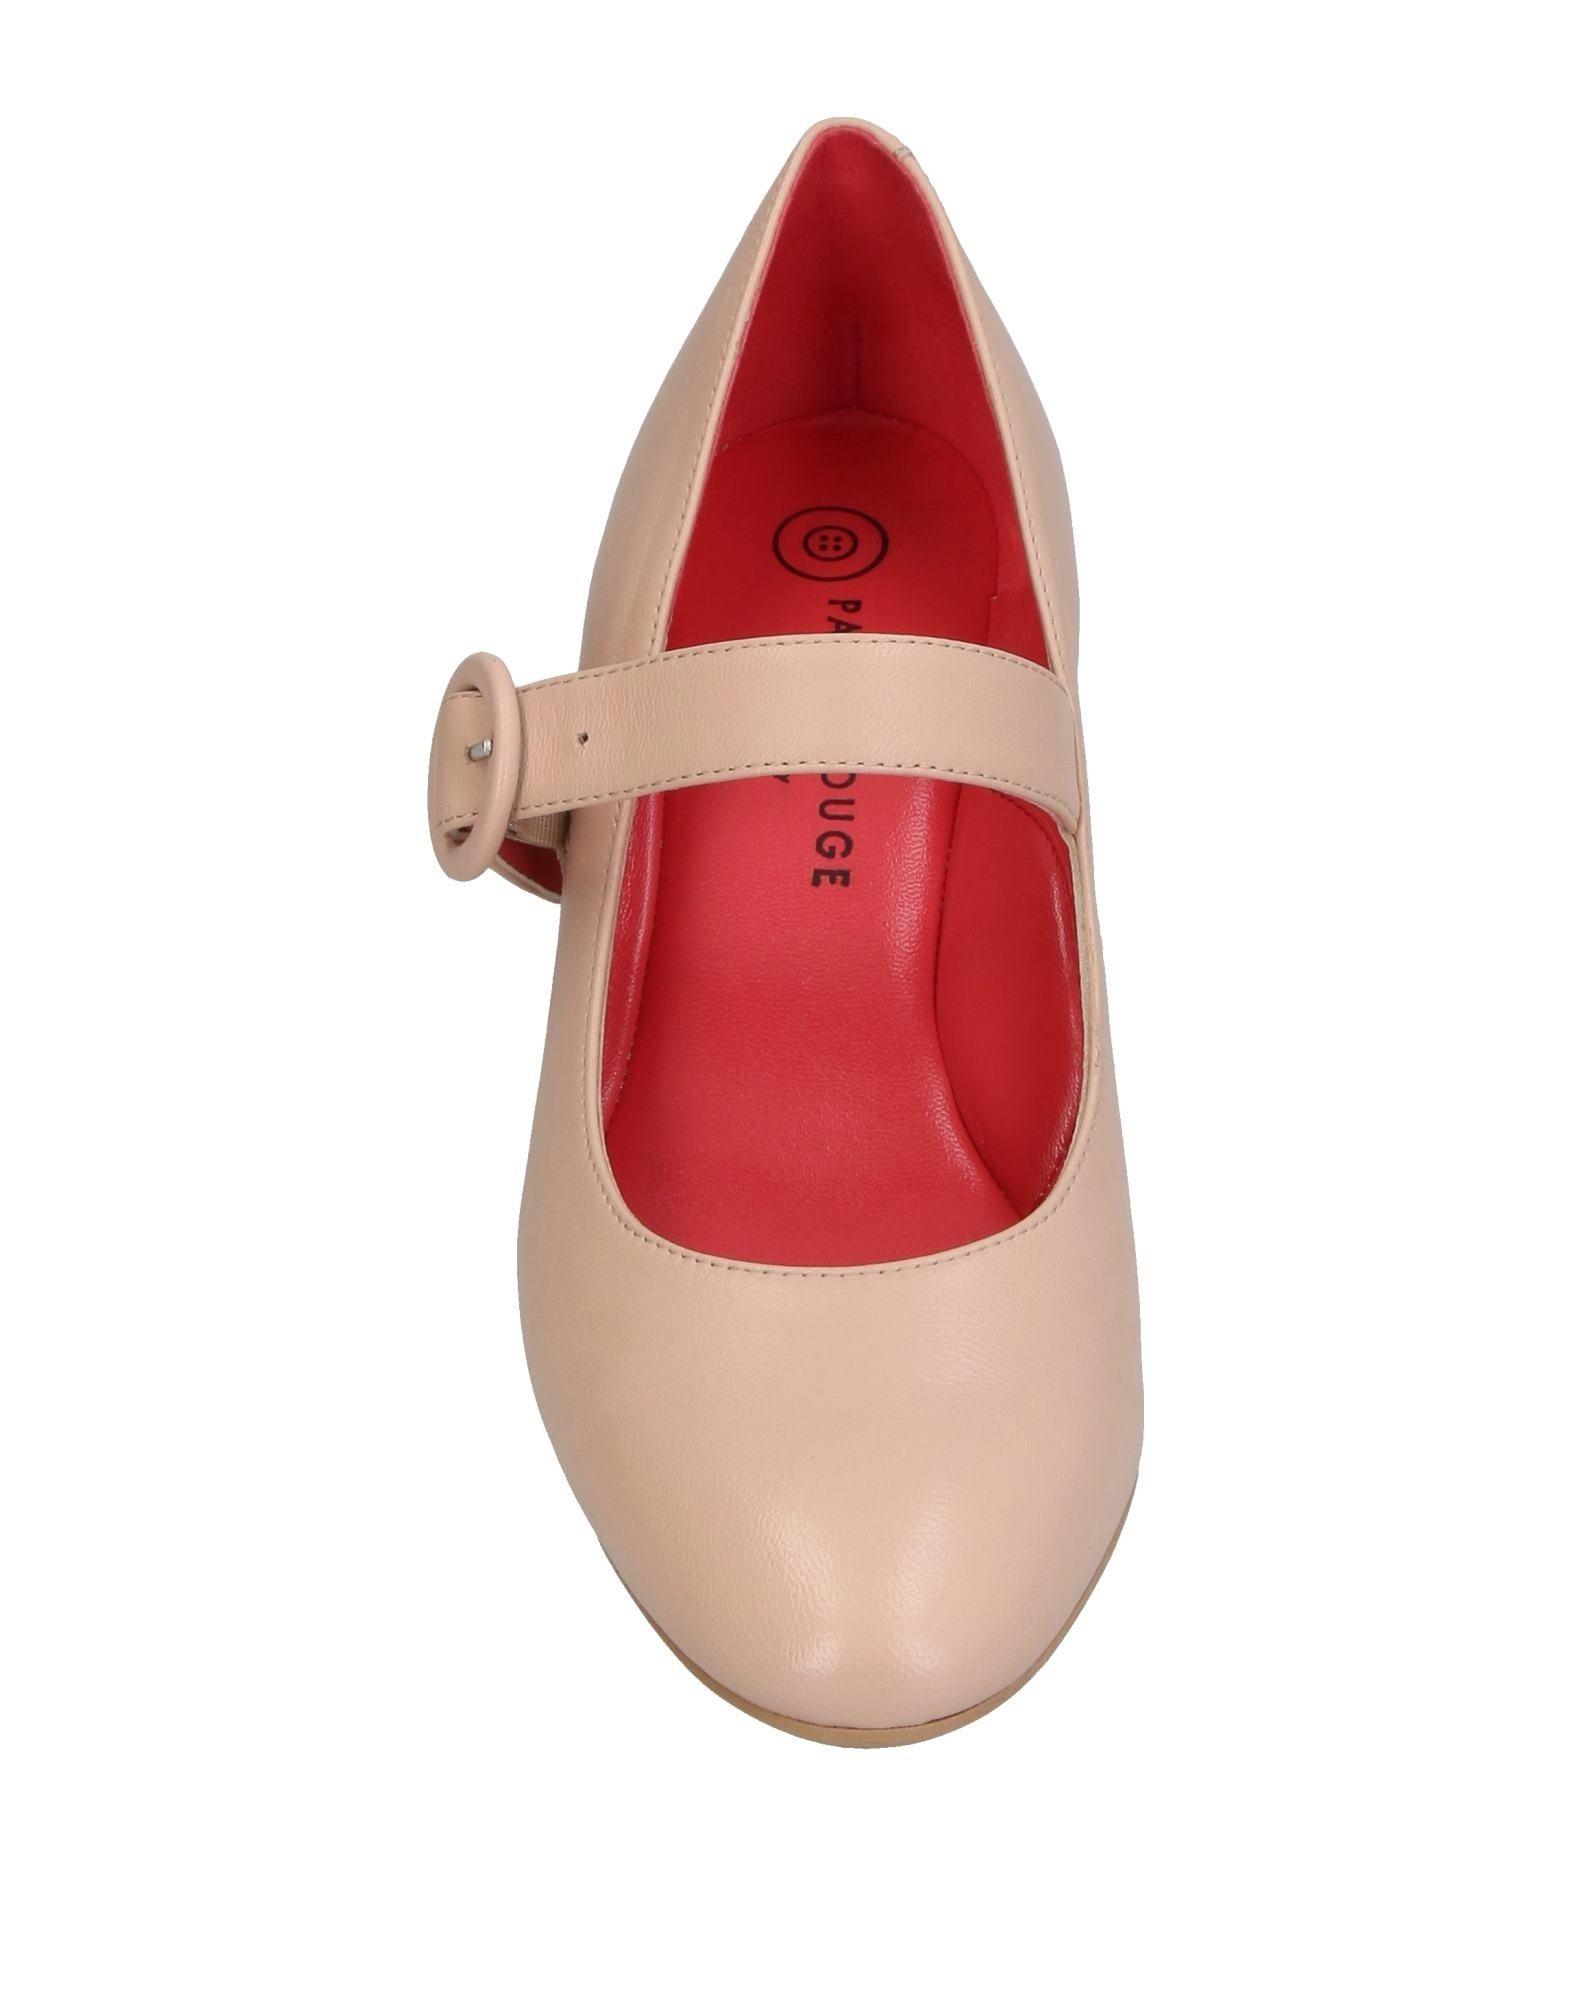 Pas De Rouge Pumps Qualität Damen  11385957XM Gute Qualität Pumps beliebte Schuhe ec5f8e